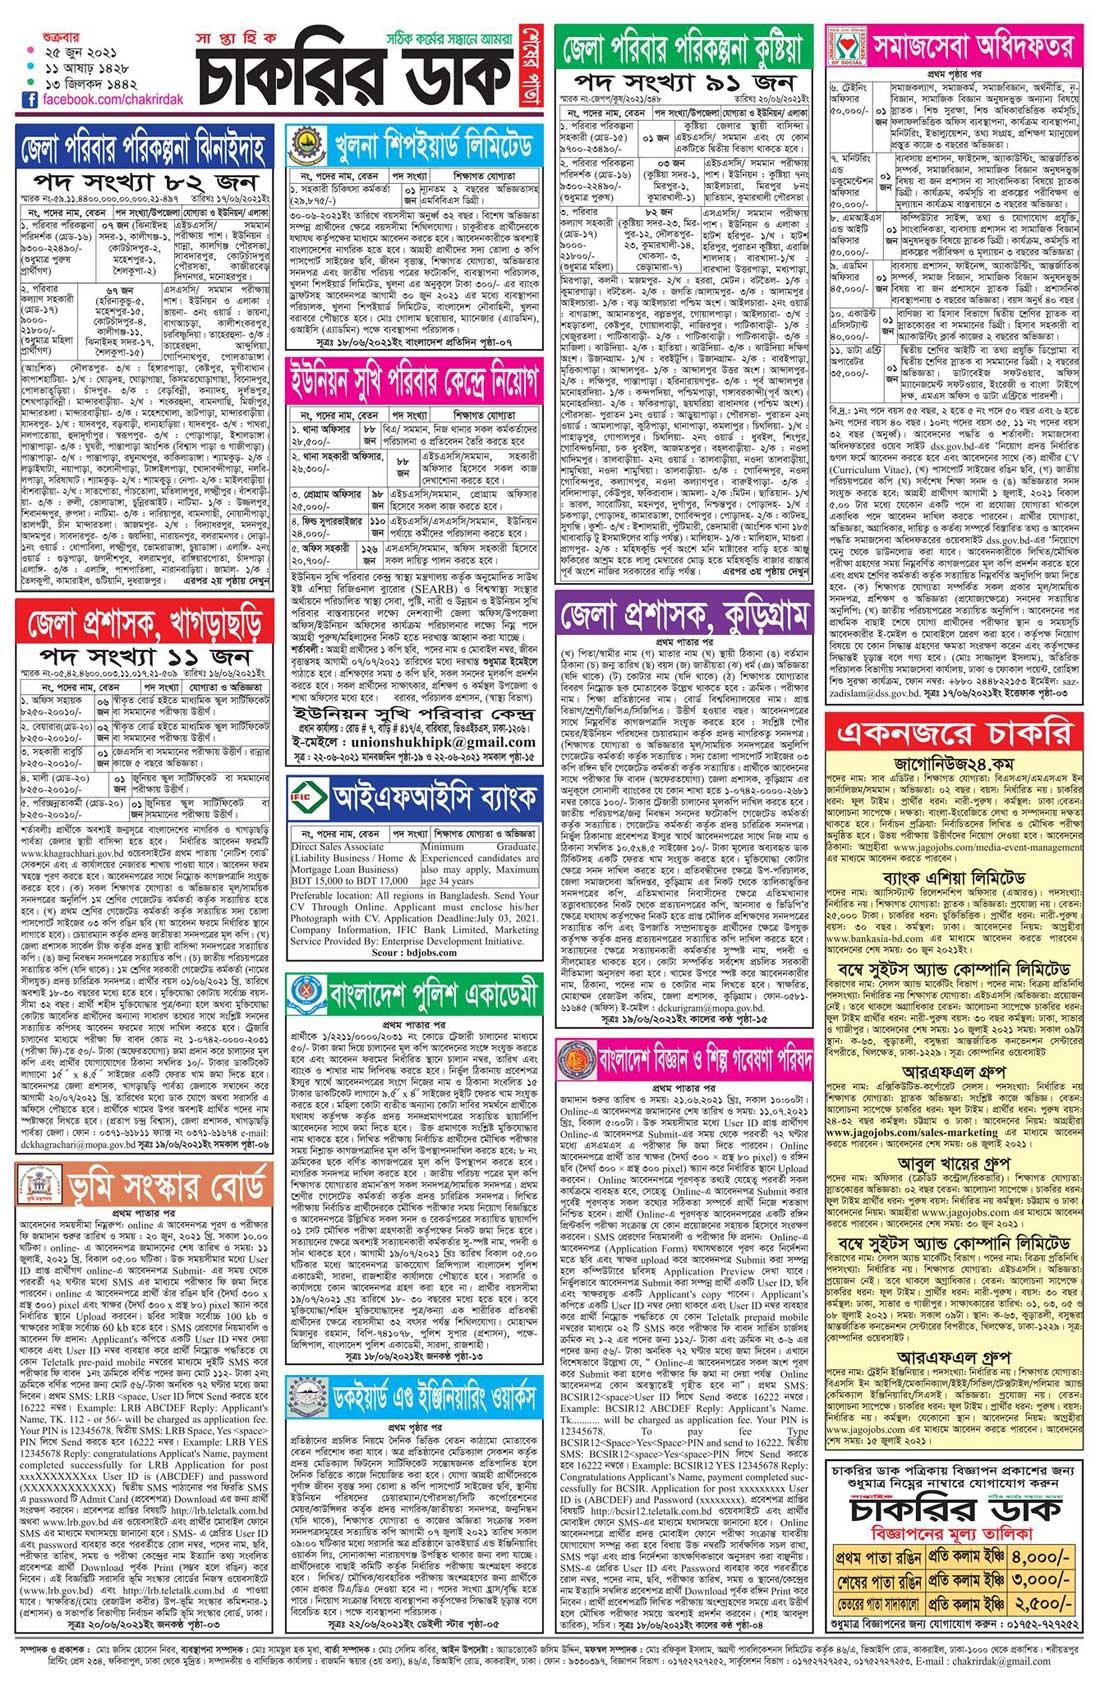 সাপ্তাহিক চাকরির ডাক পত্রিকা ২৫ জুন ২০২১ -  25 June 2021 Saptahik chakrir Dak potrika - সাপ্তাহিক চাকরির ডাক পত্রিকা ২০২১